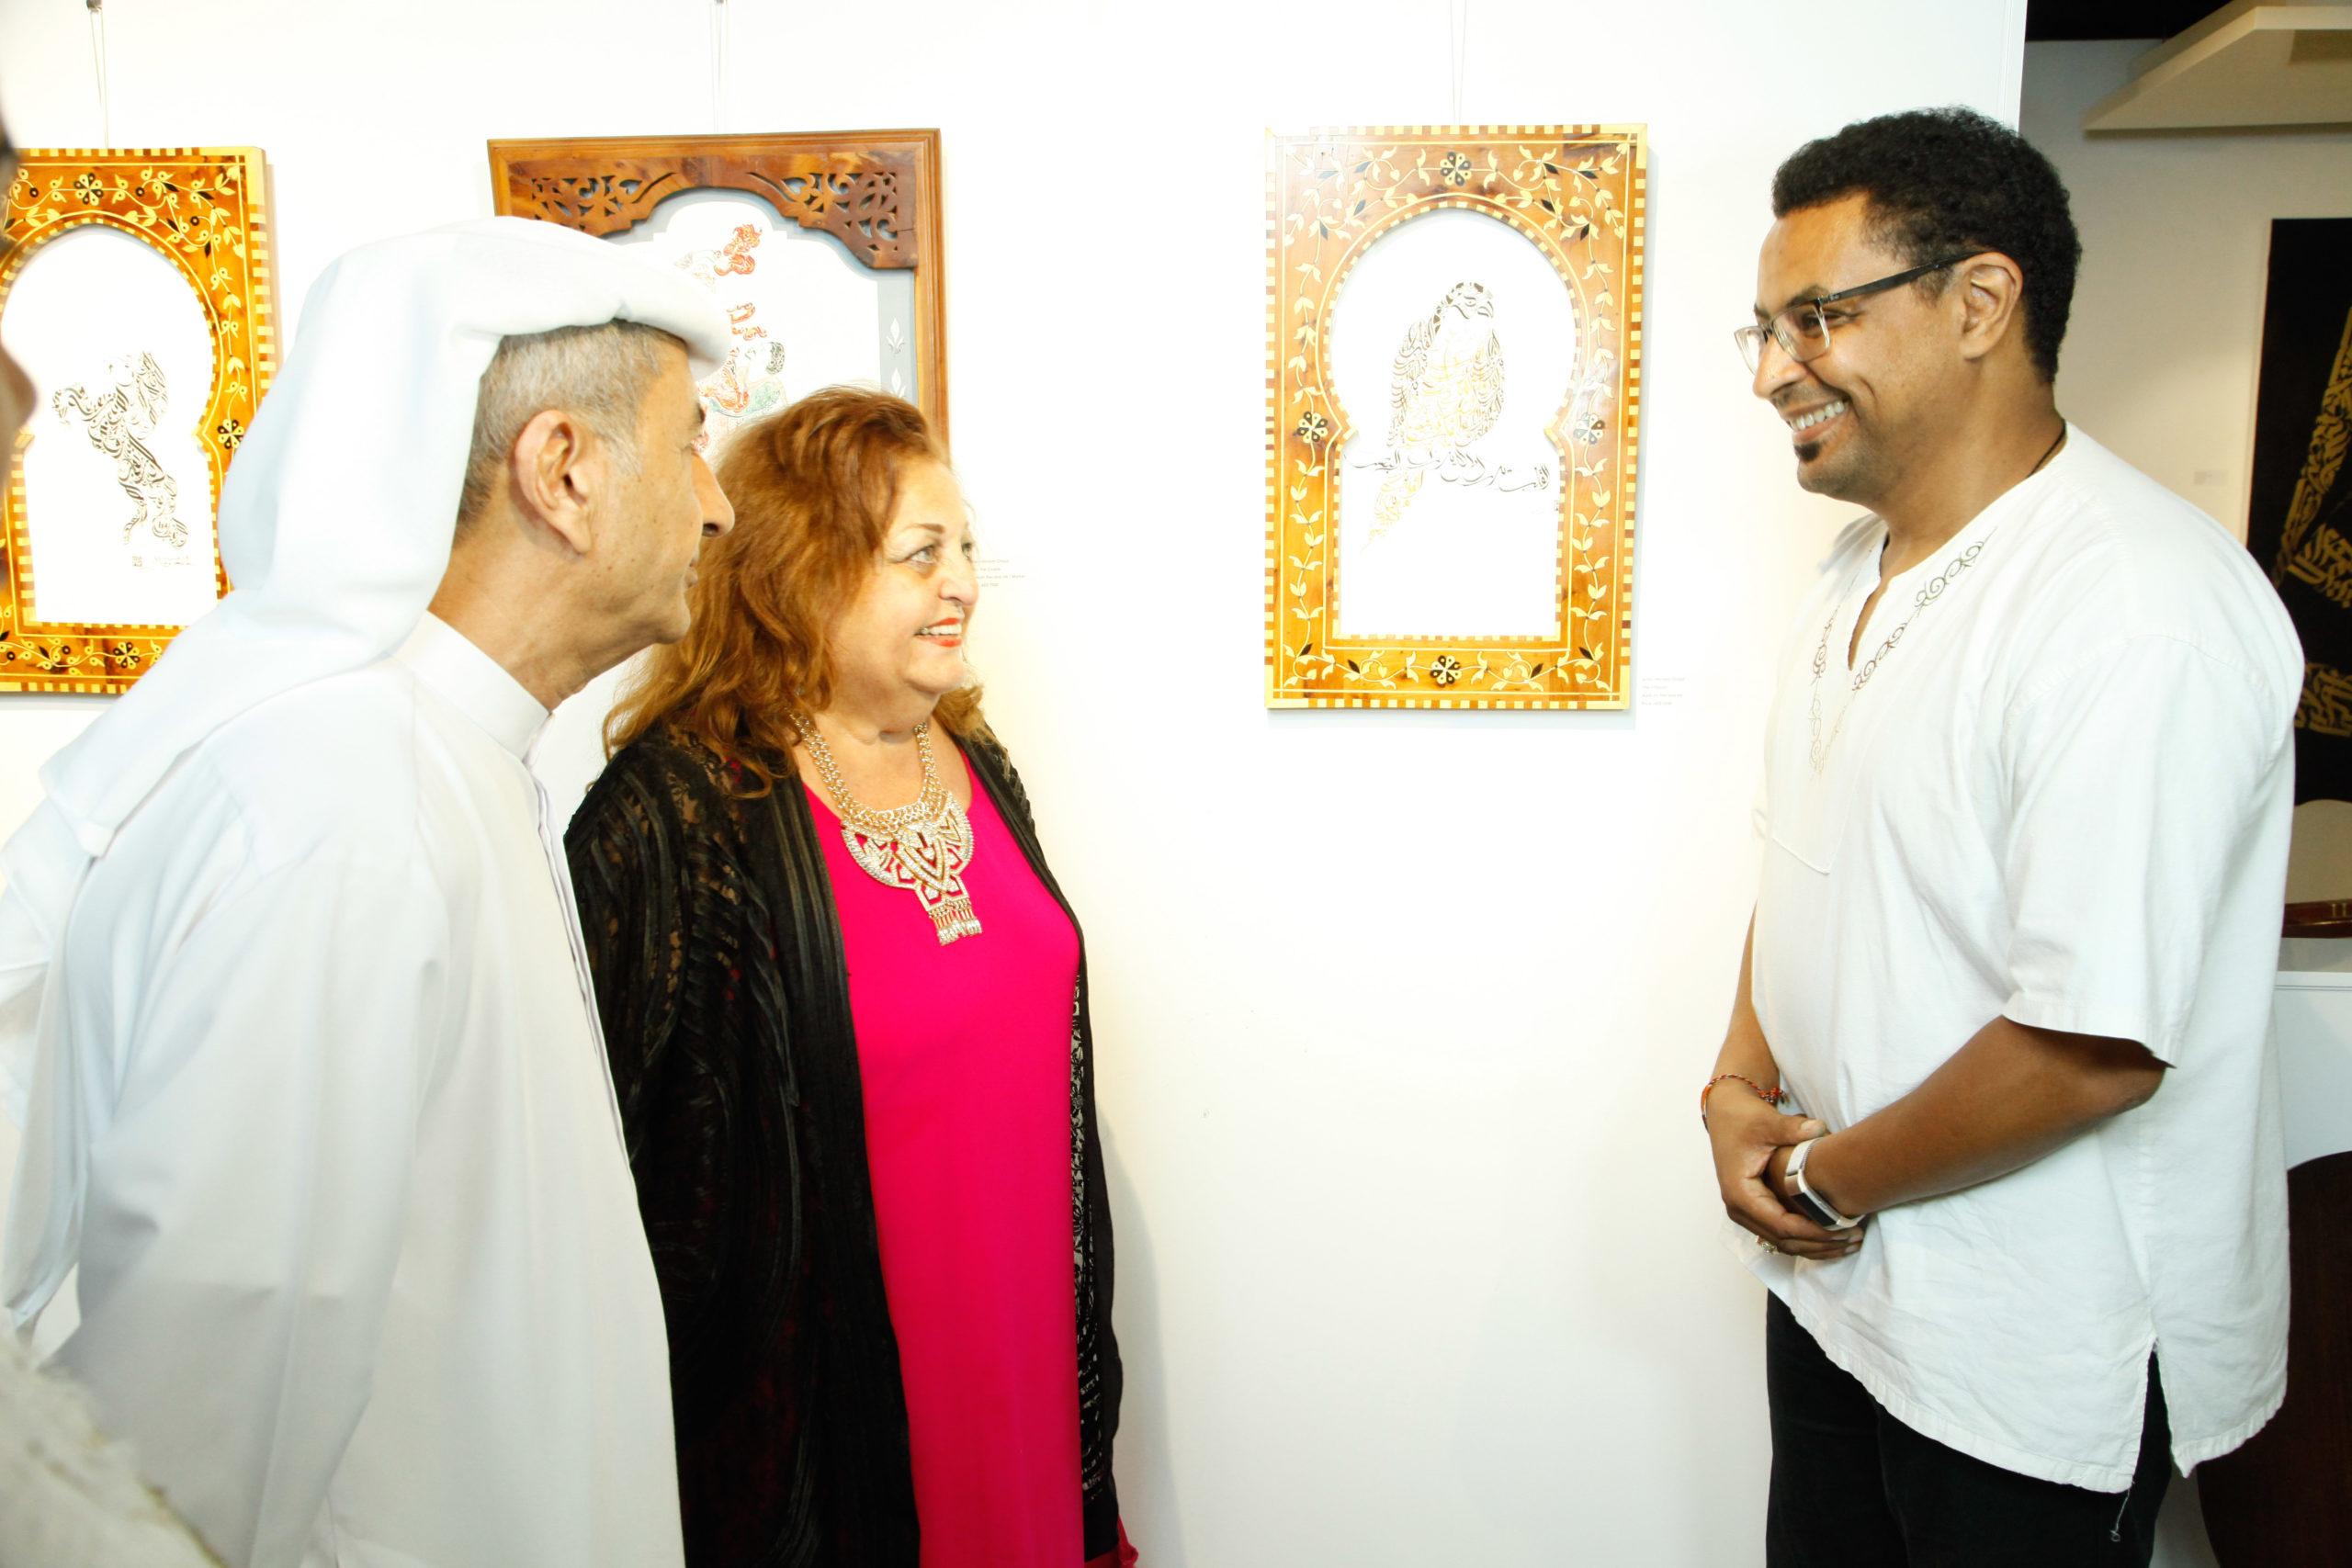 Exposition à Dubai - Calligraphie arabe par Hicham Chajai